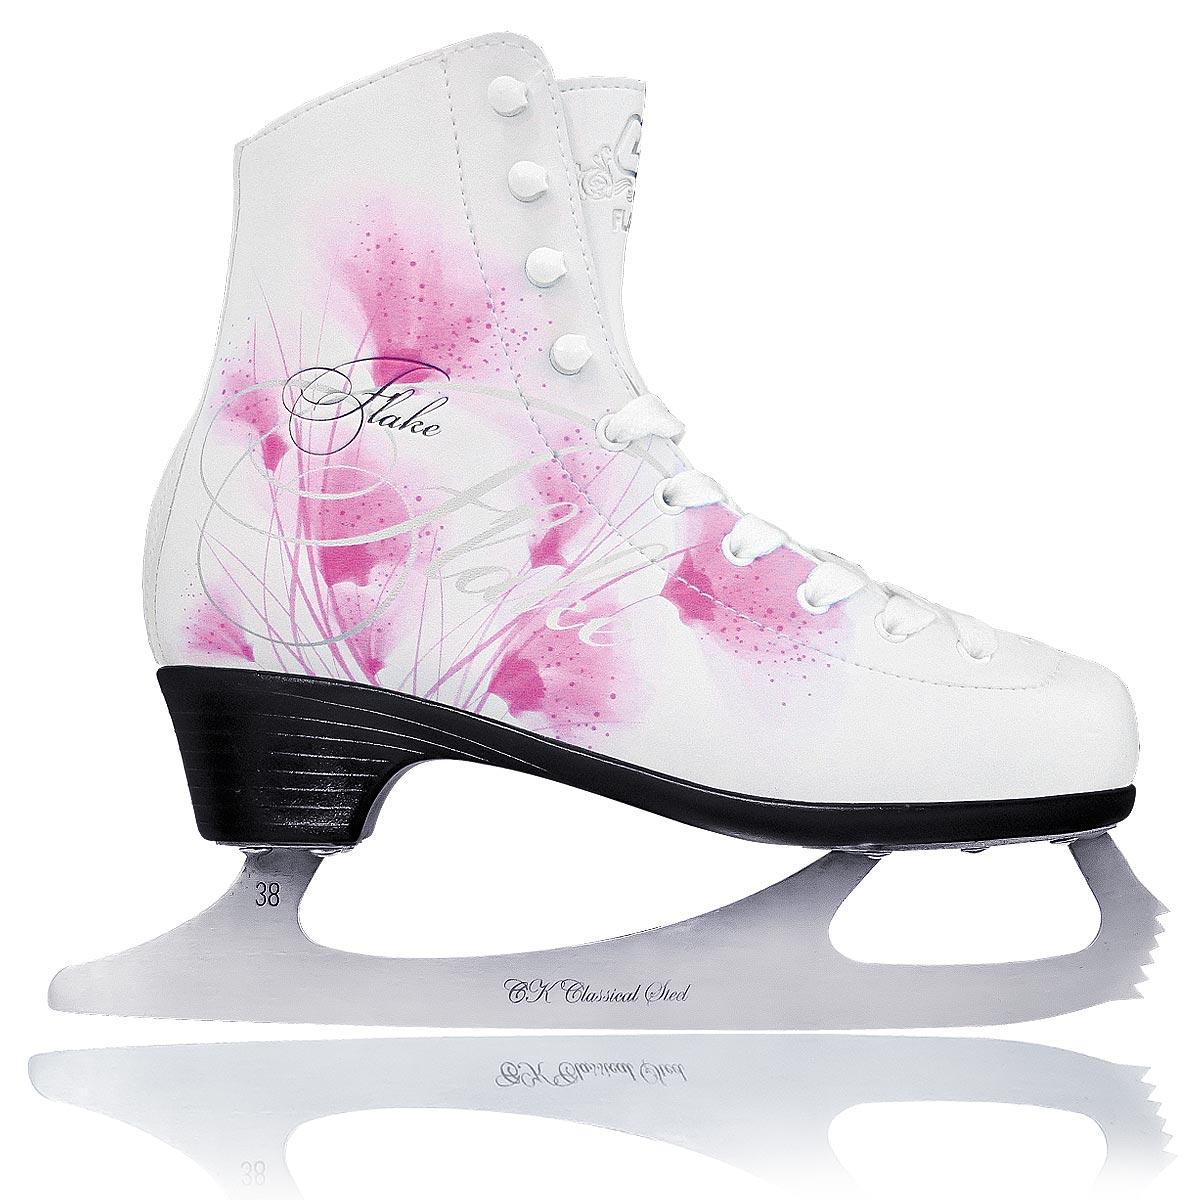 Коньки фигурные для девочки Flake LeatherFLAKE leatherДетские фигурные коньки для девочки от CK Flake Leather идеально подойдут для любительского катания. Модель выполнена из современной морозоустойчивой искусственной кожи с высокой, плотной колодкой и усиленным задником, обеспечивающим боковую поддержку ноги. Внутренняя поверхность исполнена из натуральной прессованной кожи, отлично облегающей ногу, а стелька - из текстиля, обеспечивающая уют и комфорт во время катания. На языке и заднике коньки дополнены тиснением в виде логотипа бренда, а сбоку - ярким красочным изображением цветов и оригинальным принтом. Подошва - из твердого пластика. Лезвие из нержавеющей стали со специальным покрытием, придающим дополнительную прочность, обеспечит превосходное скольжение. Особенность данной модели заключается в поддержке голеностопа и в том, что каблук визуально сливается с основной подошвой, придавая коньку изящный вид и современный дизайн. Оригинальные коньки придутся по душе вашему ребенку.